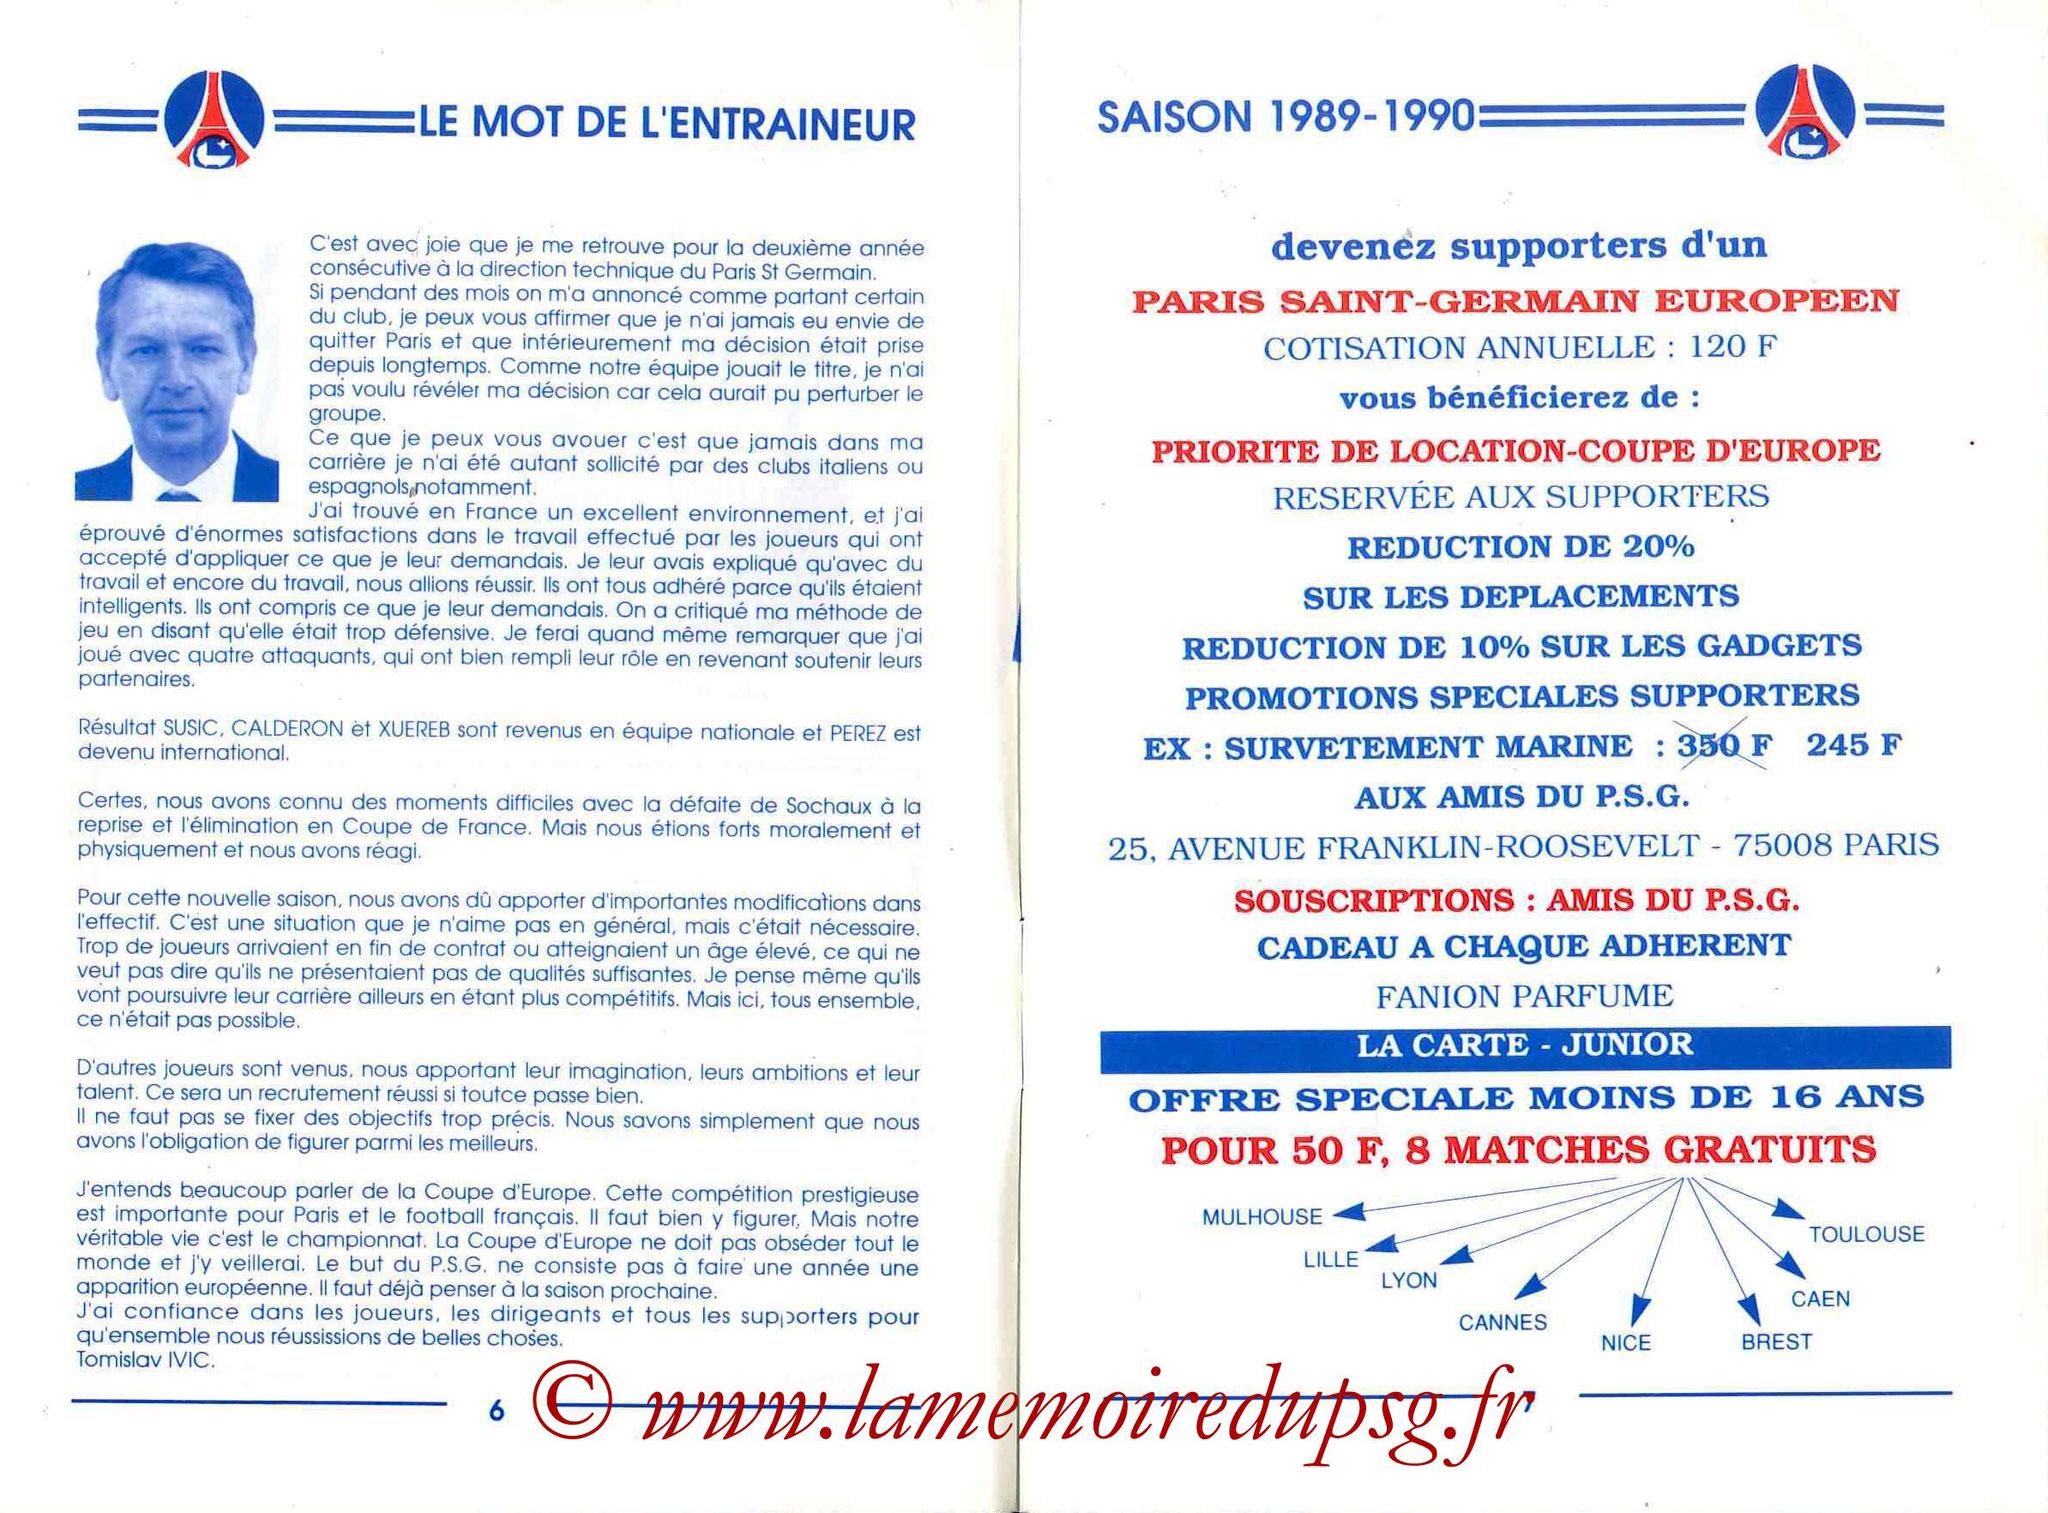 1989-90 - Guide de la Saison PSG - Pages 6 et 7